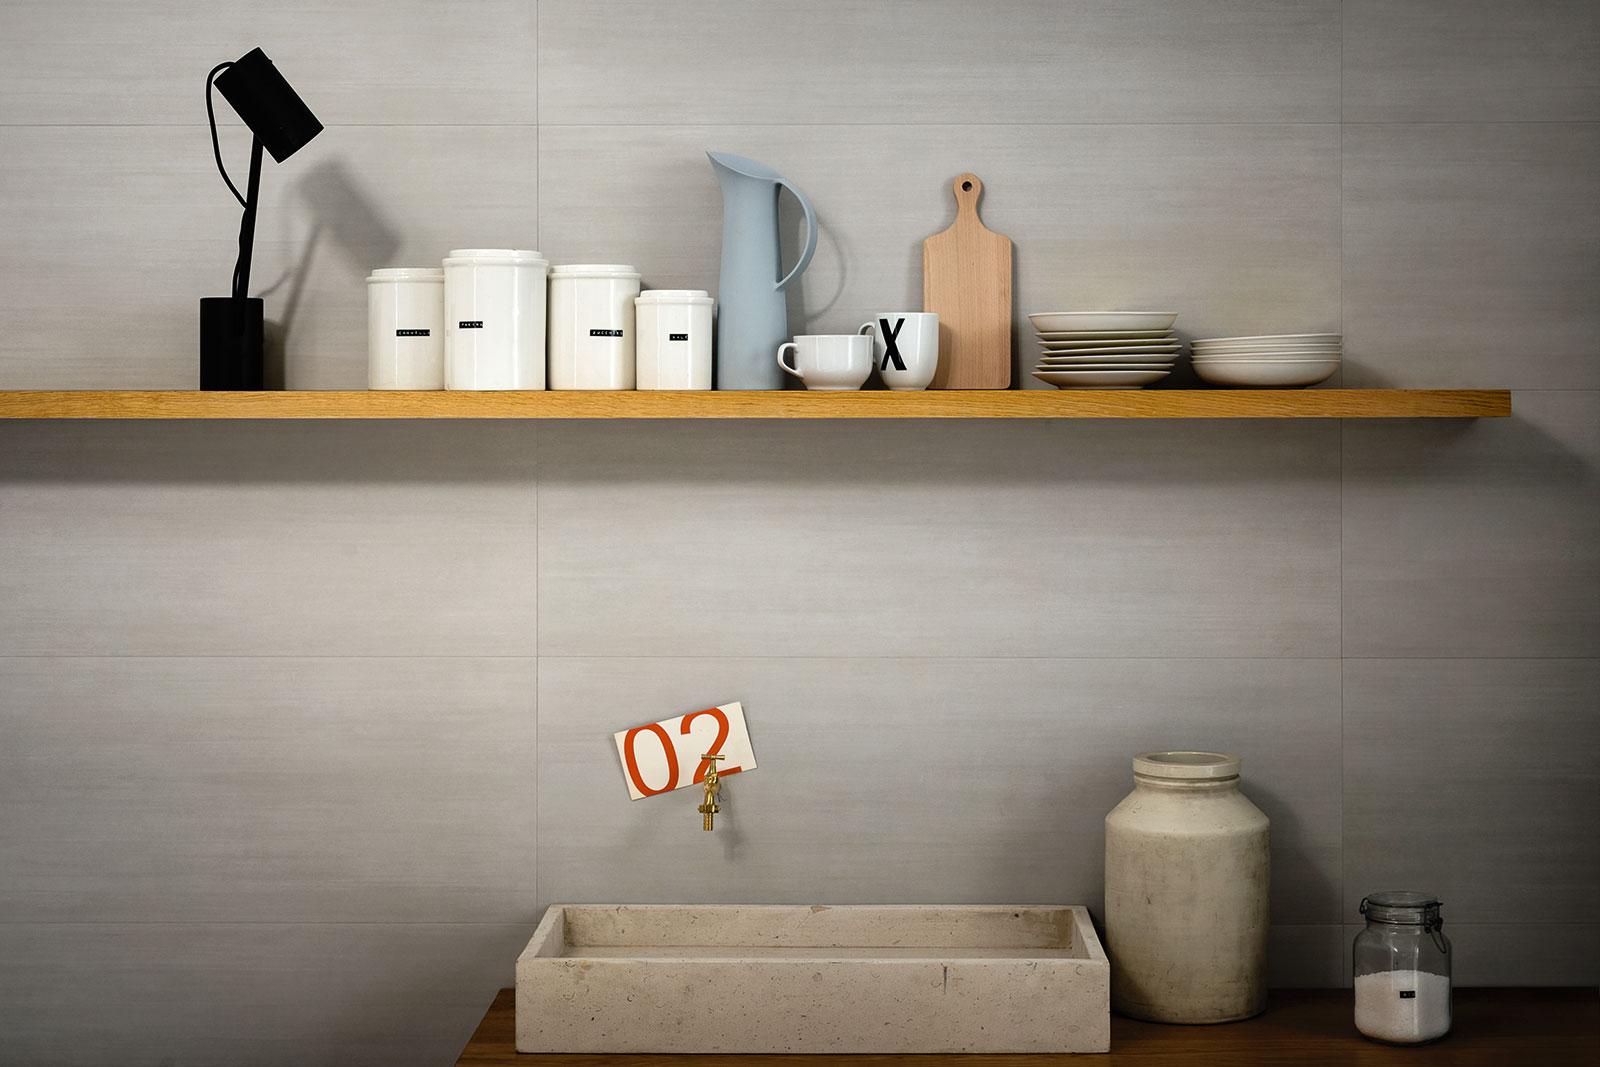 ... Küche: Gestaltungsideen mit Keramik und Feinsteinzeug - Marazzi 6812